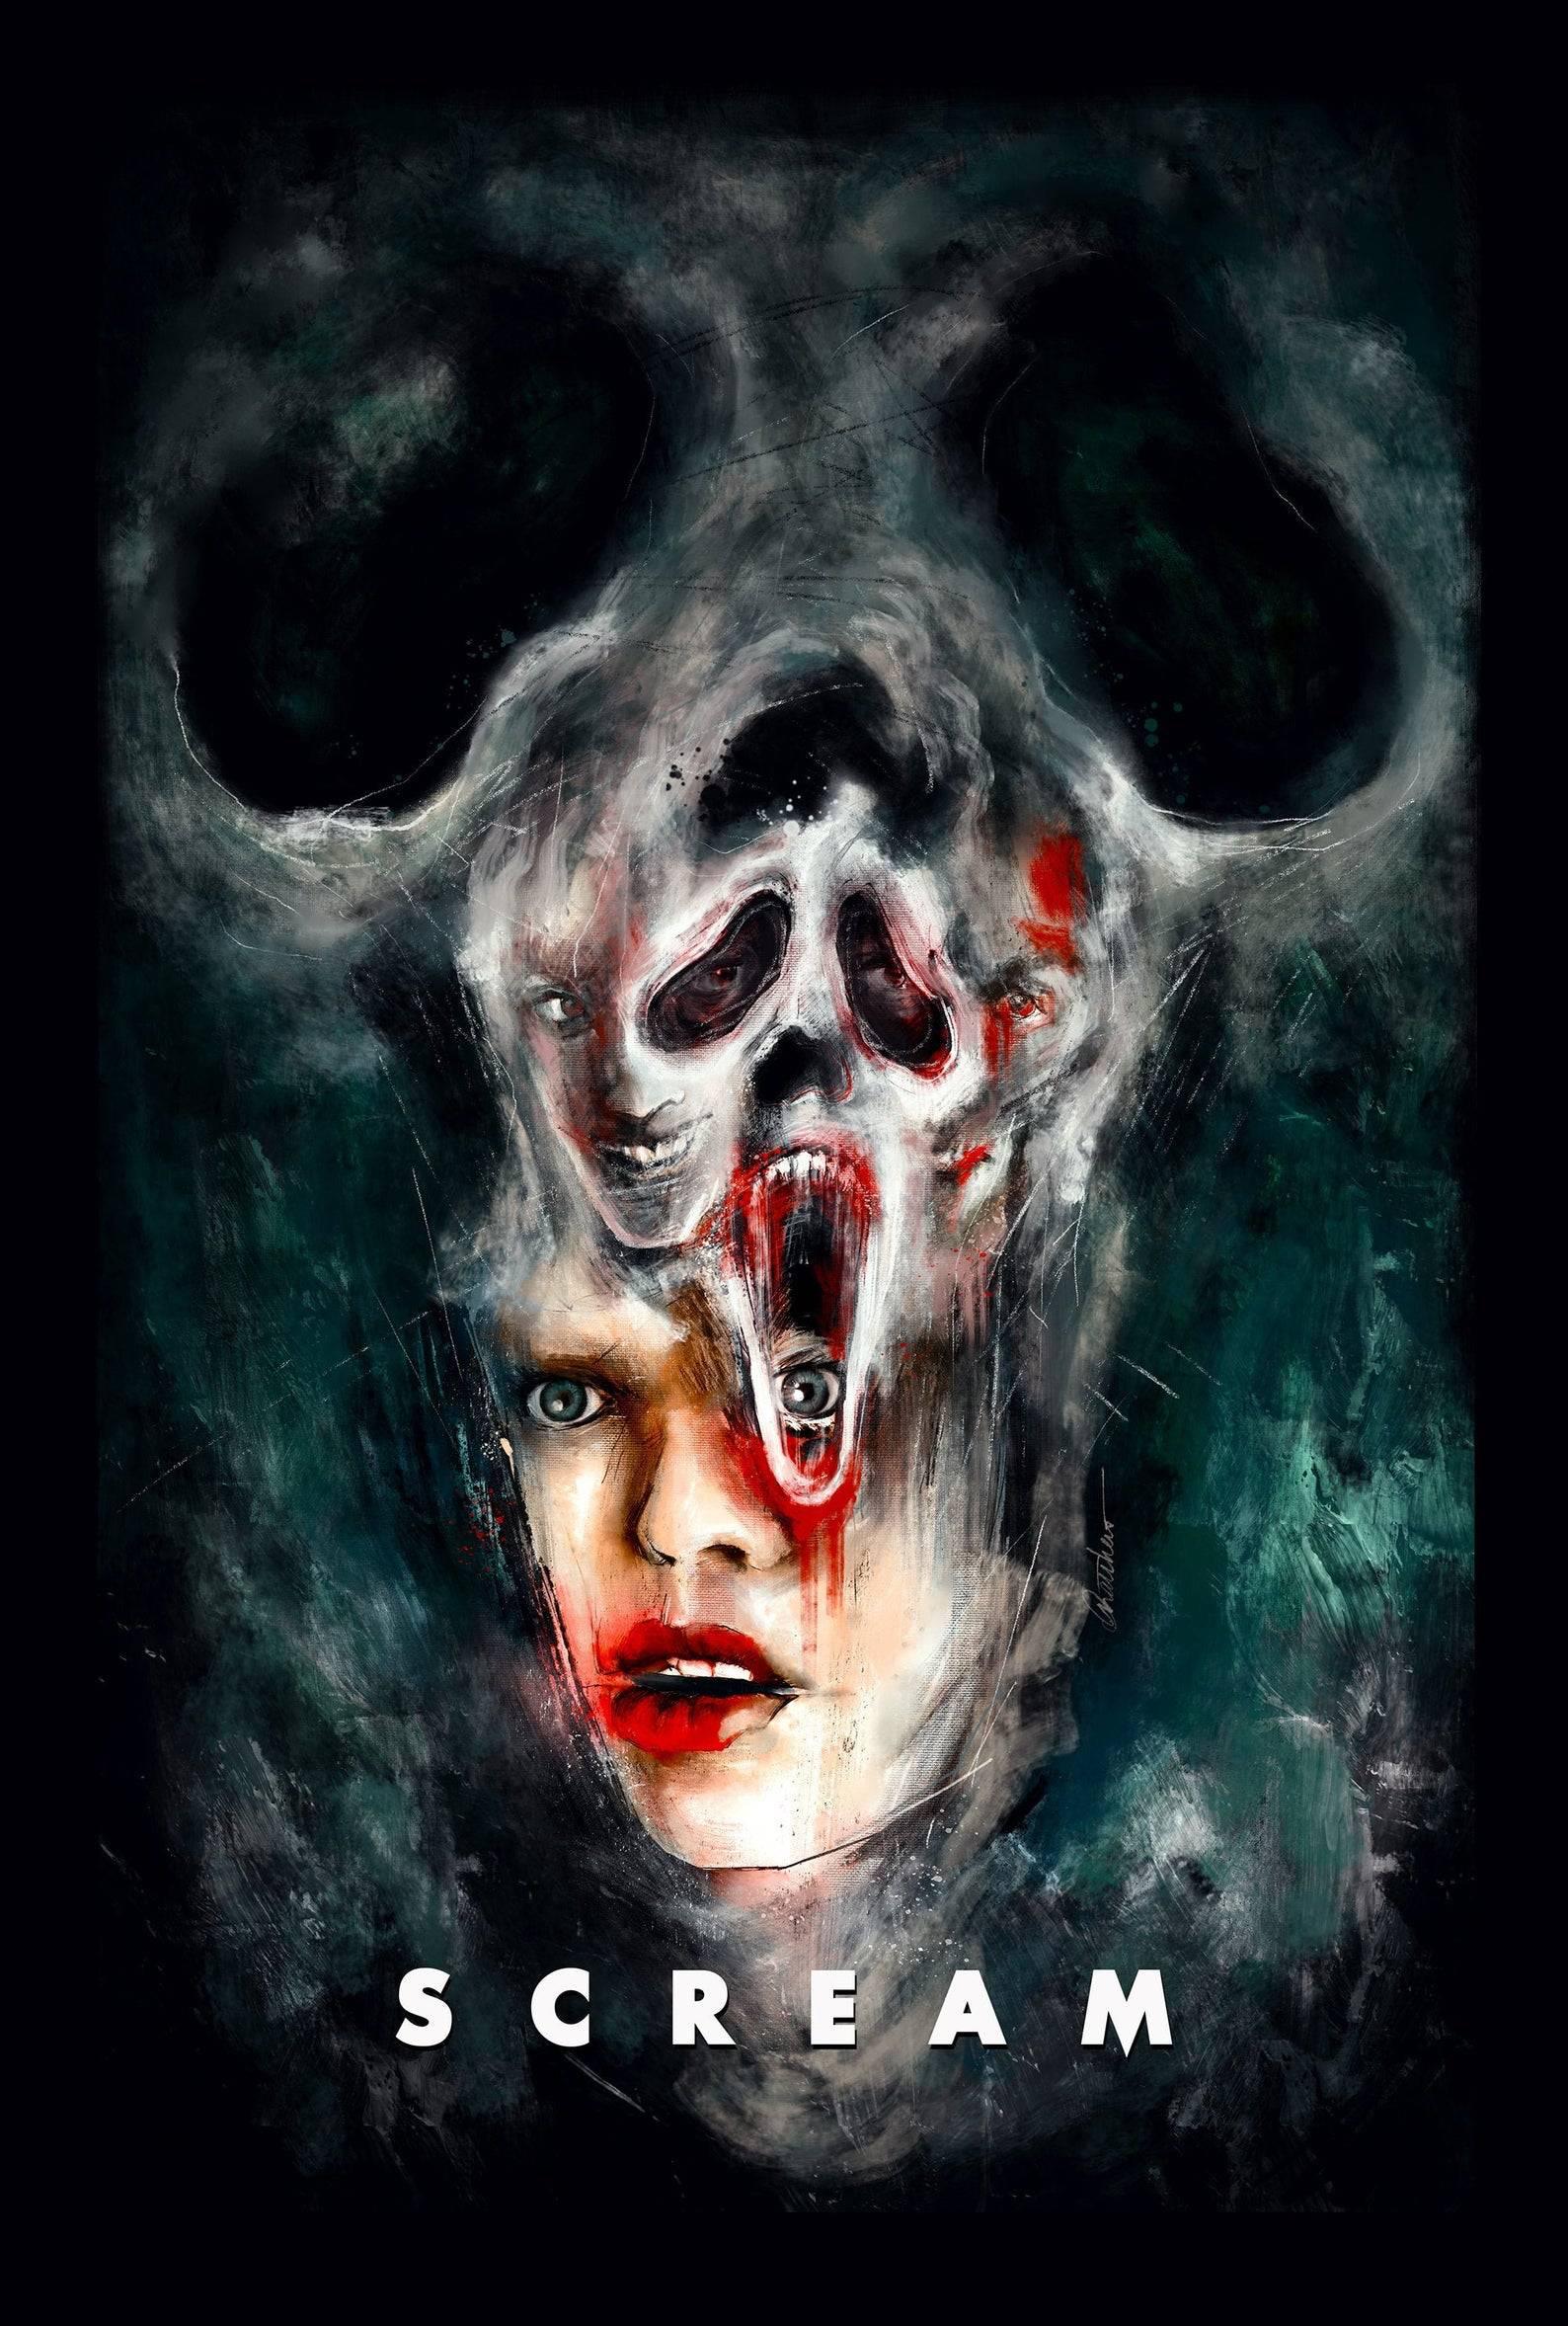 Pin by Jeanne Loves Horror💀🔪 on Ghostface Scream in 2020